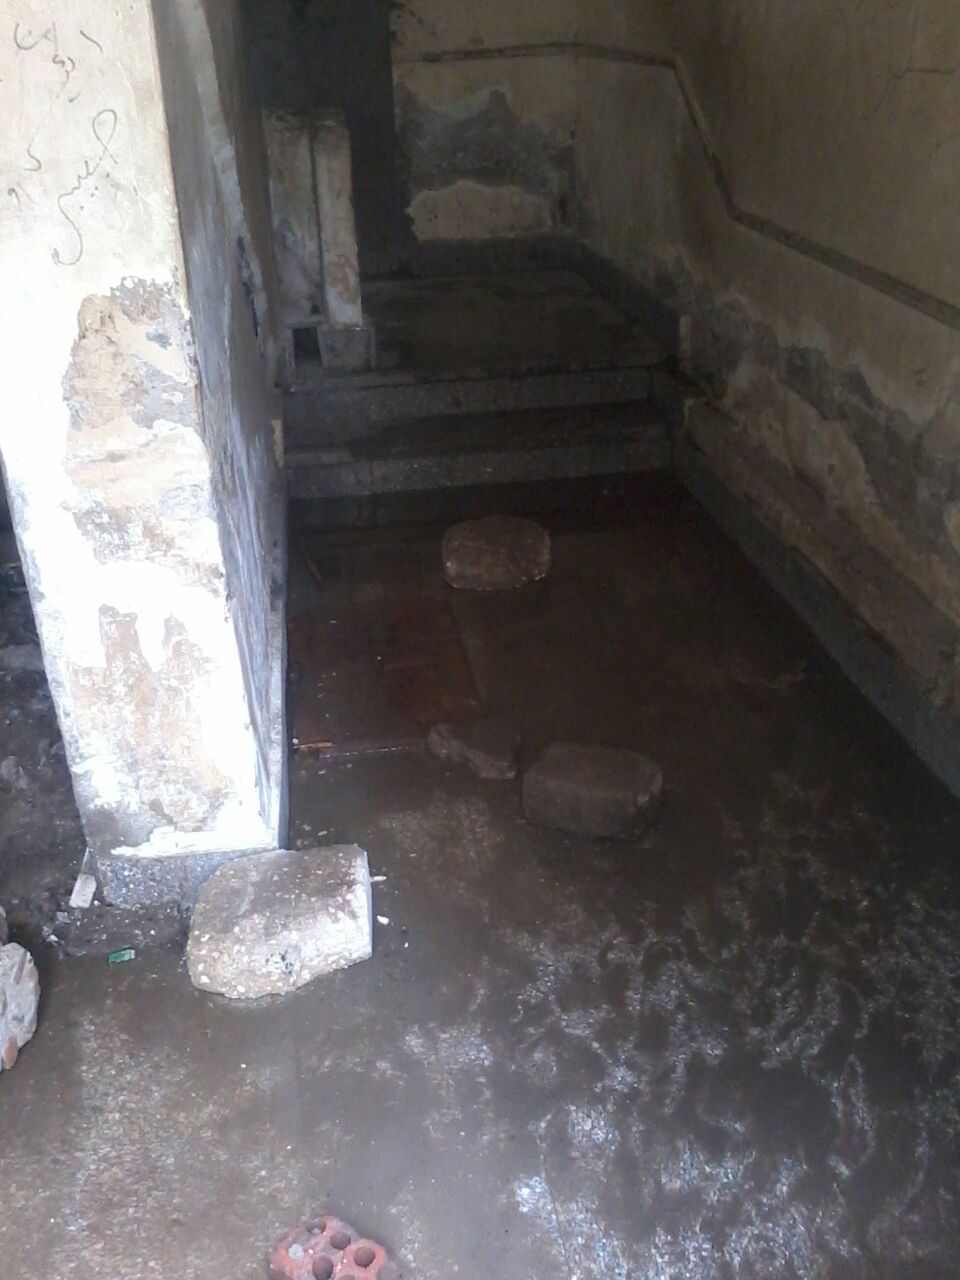 بالصور.. مياه الصرف تغمر مكاتب للصحة والتموين والسجل المدني بالهرم